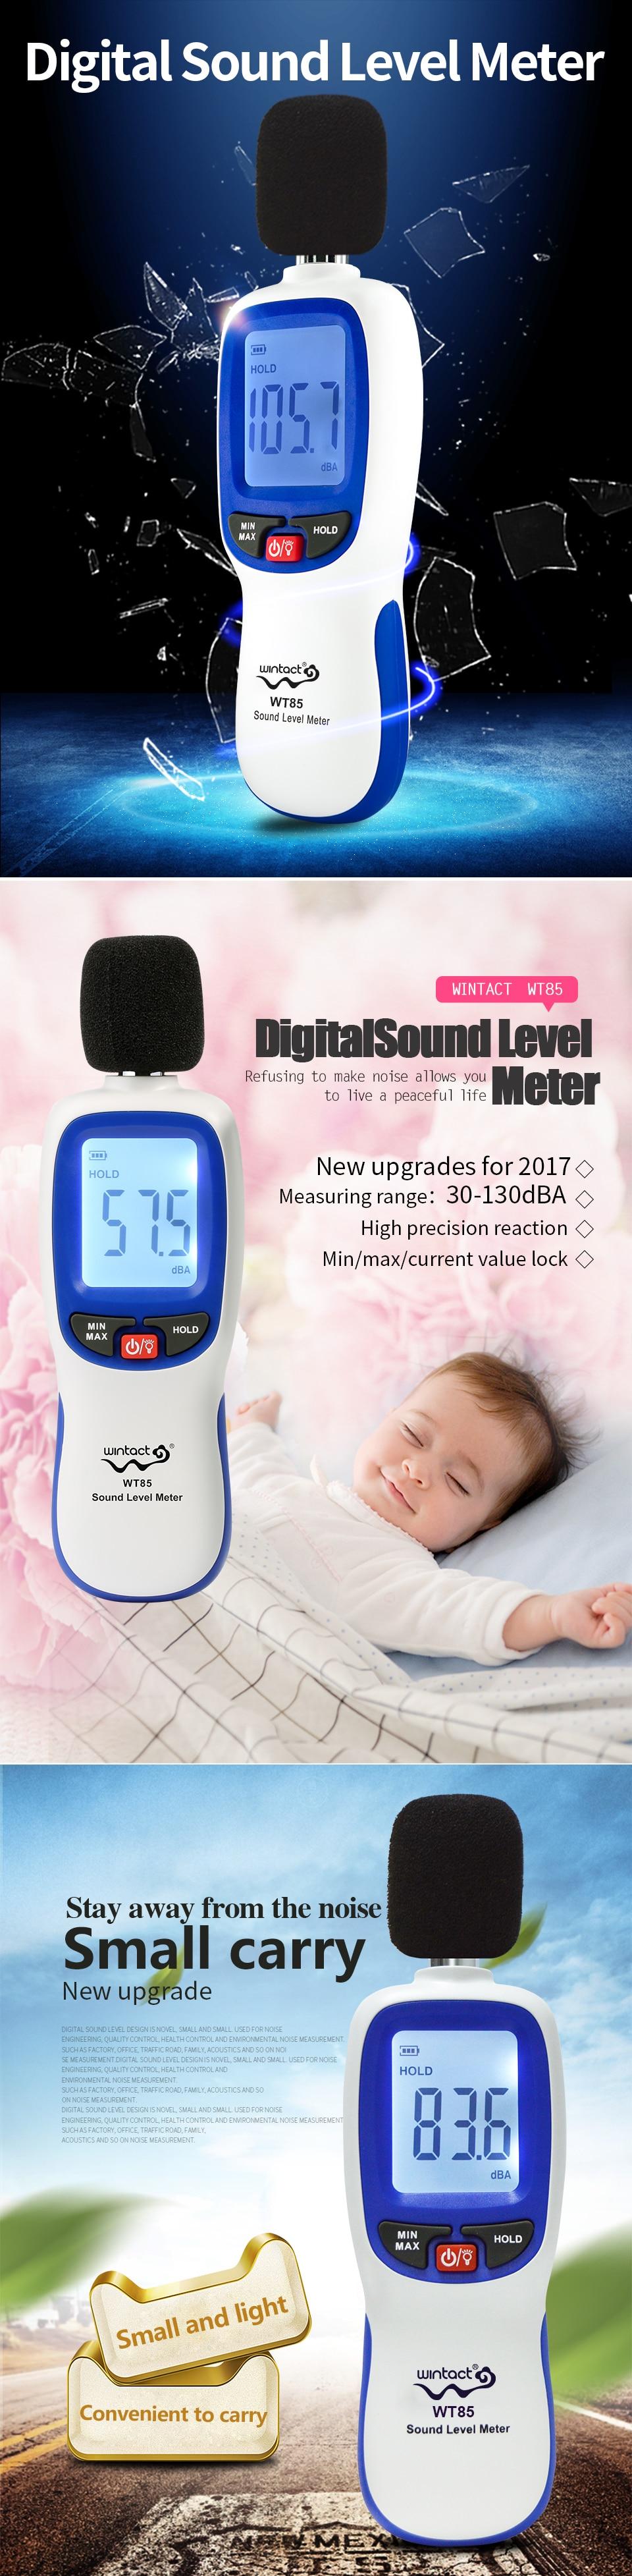 Цифровой измеритель уровня звука диапазон 30-130dB(A) Уровень шума децибел метр самокалиброванный децибел мониторинг тестер